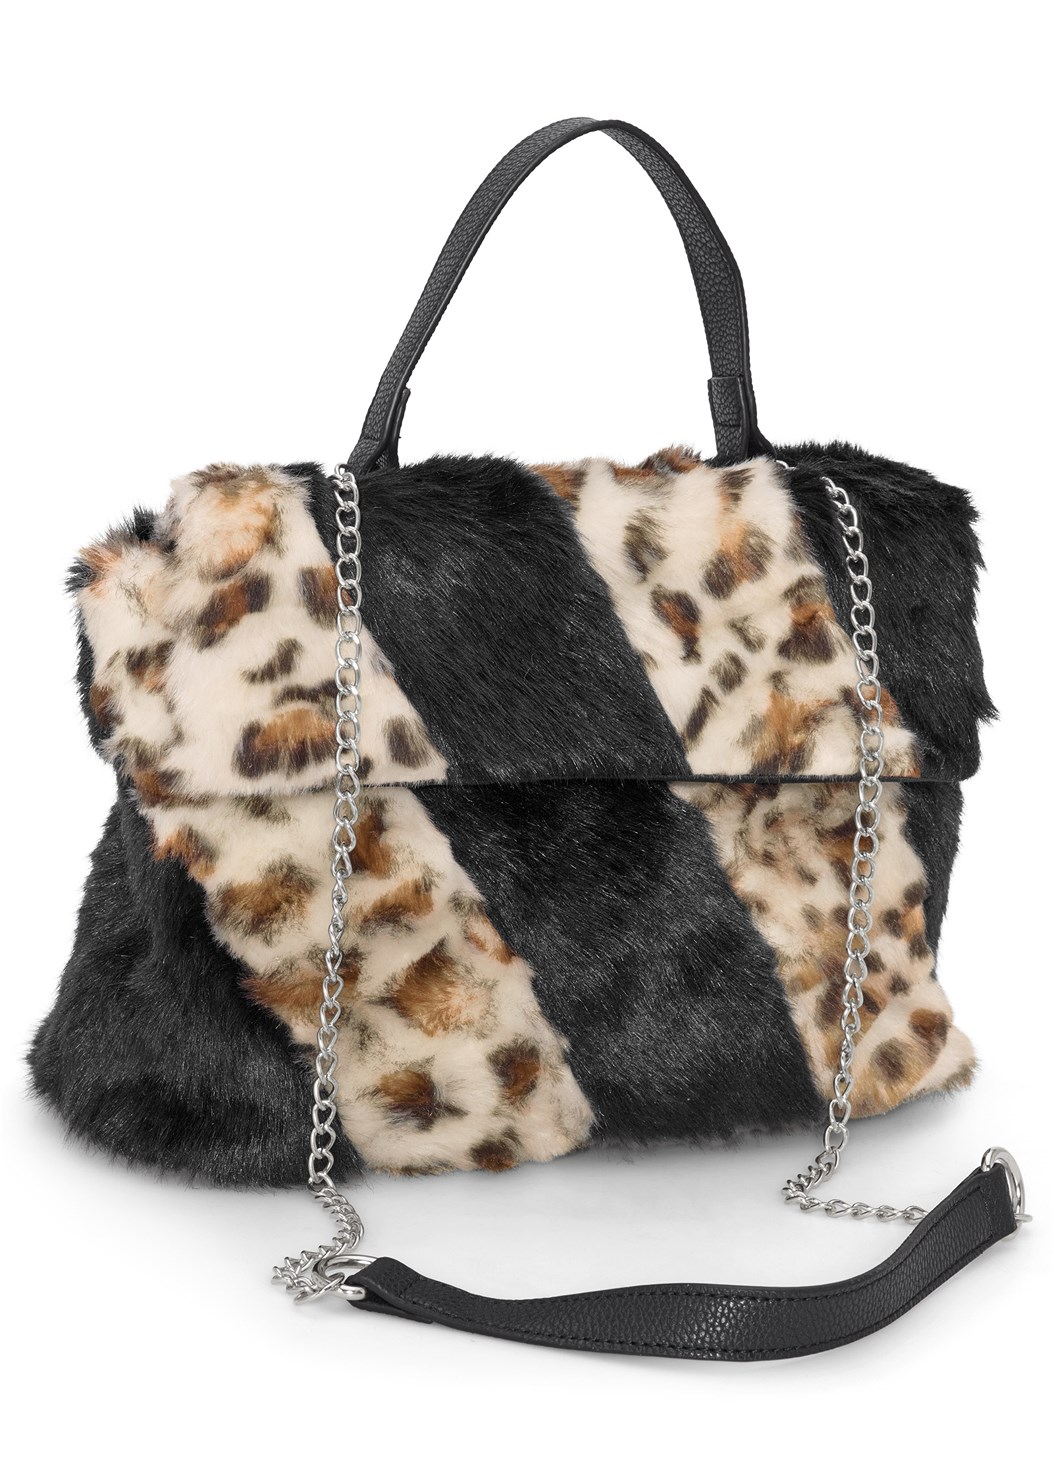 Faux Fur Print Bag,Sequin Embellished Dress,Embellished Strappy Heel